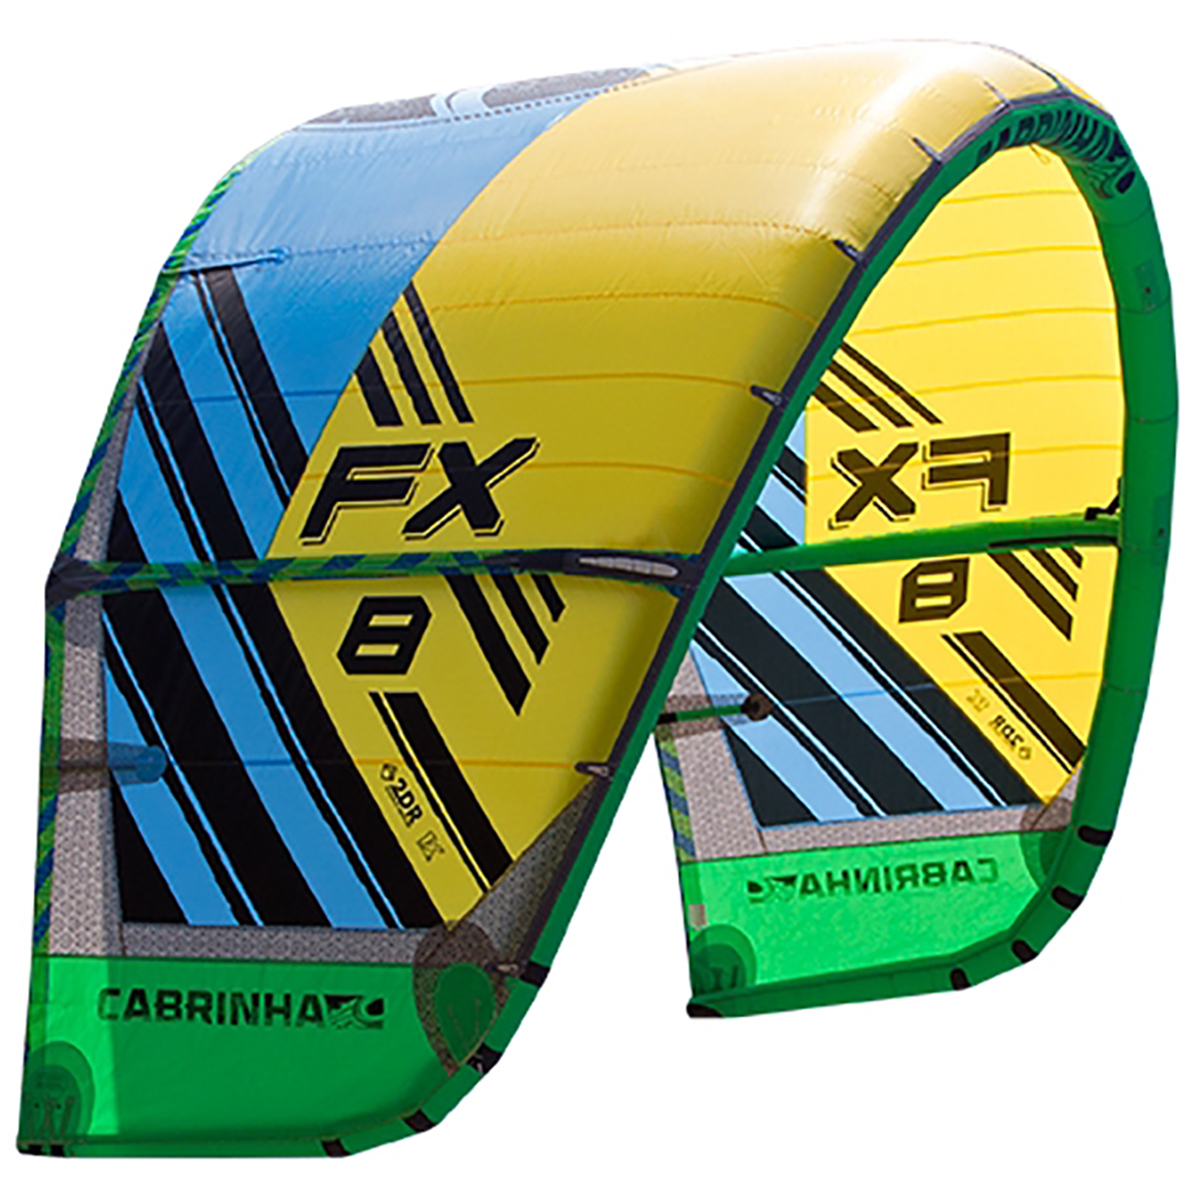 cabrinha-fx-kite-17c2.jpg